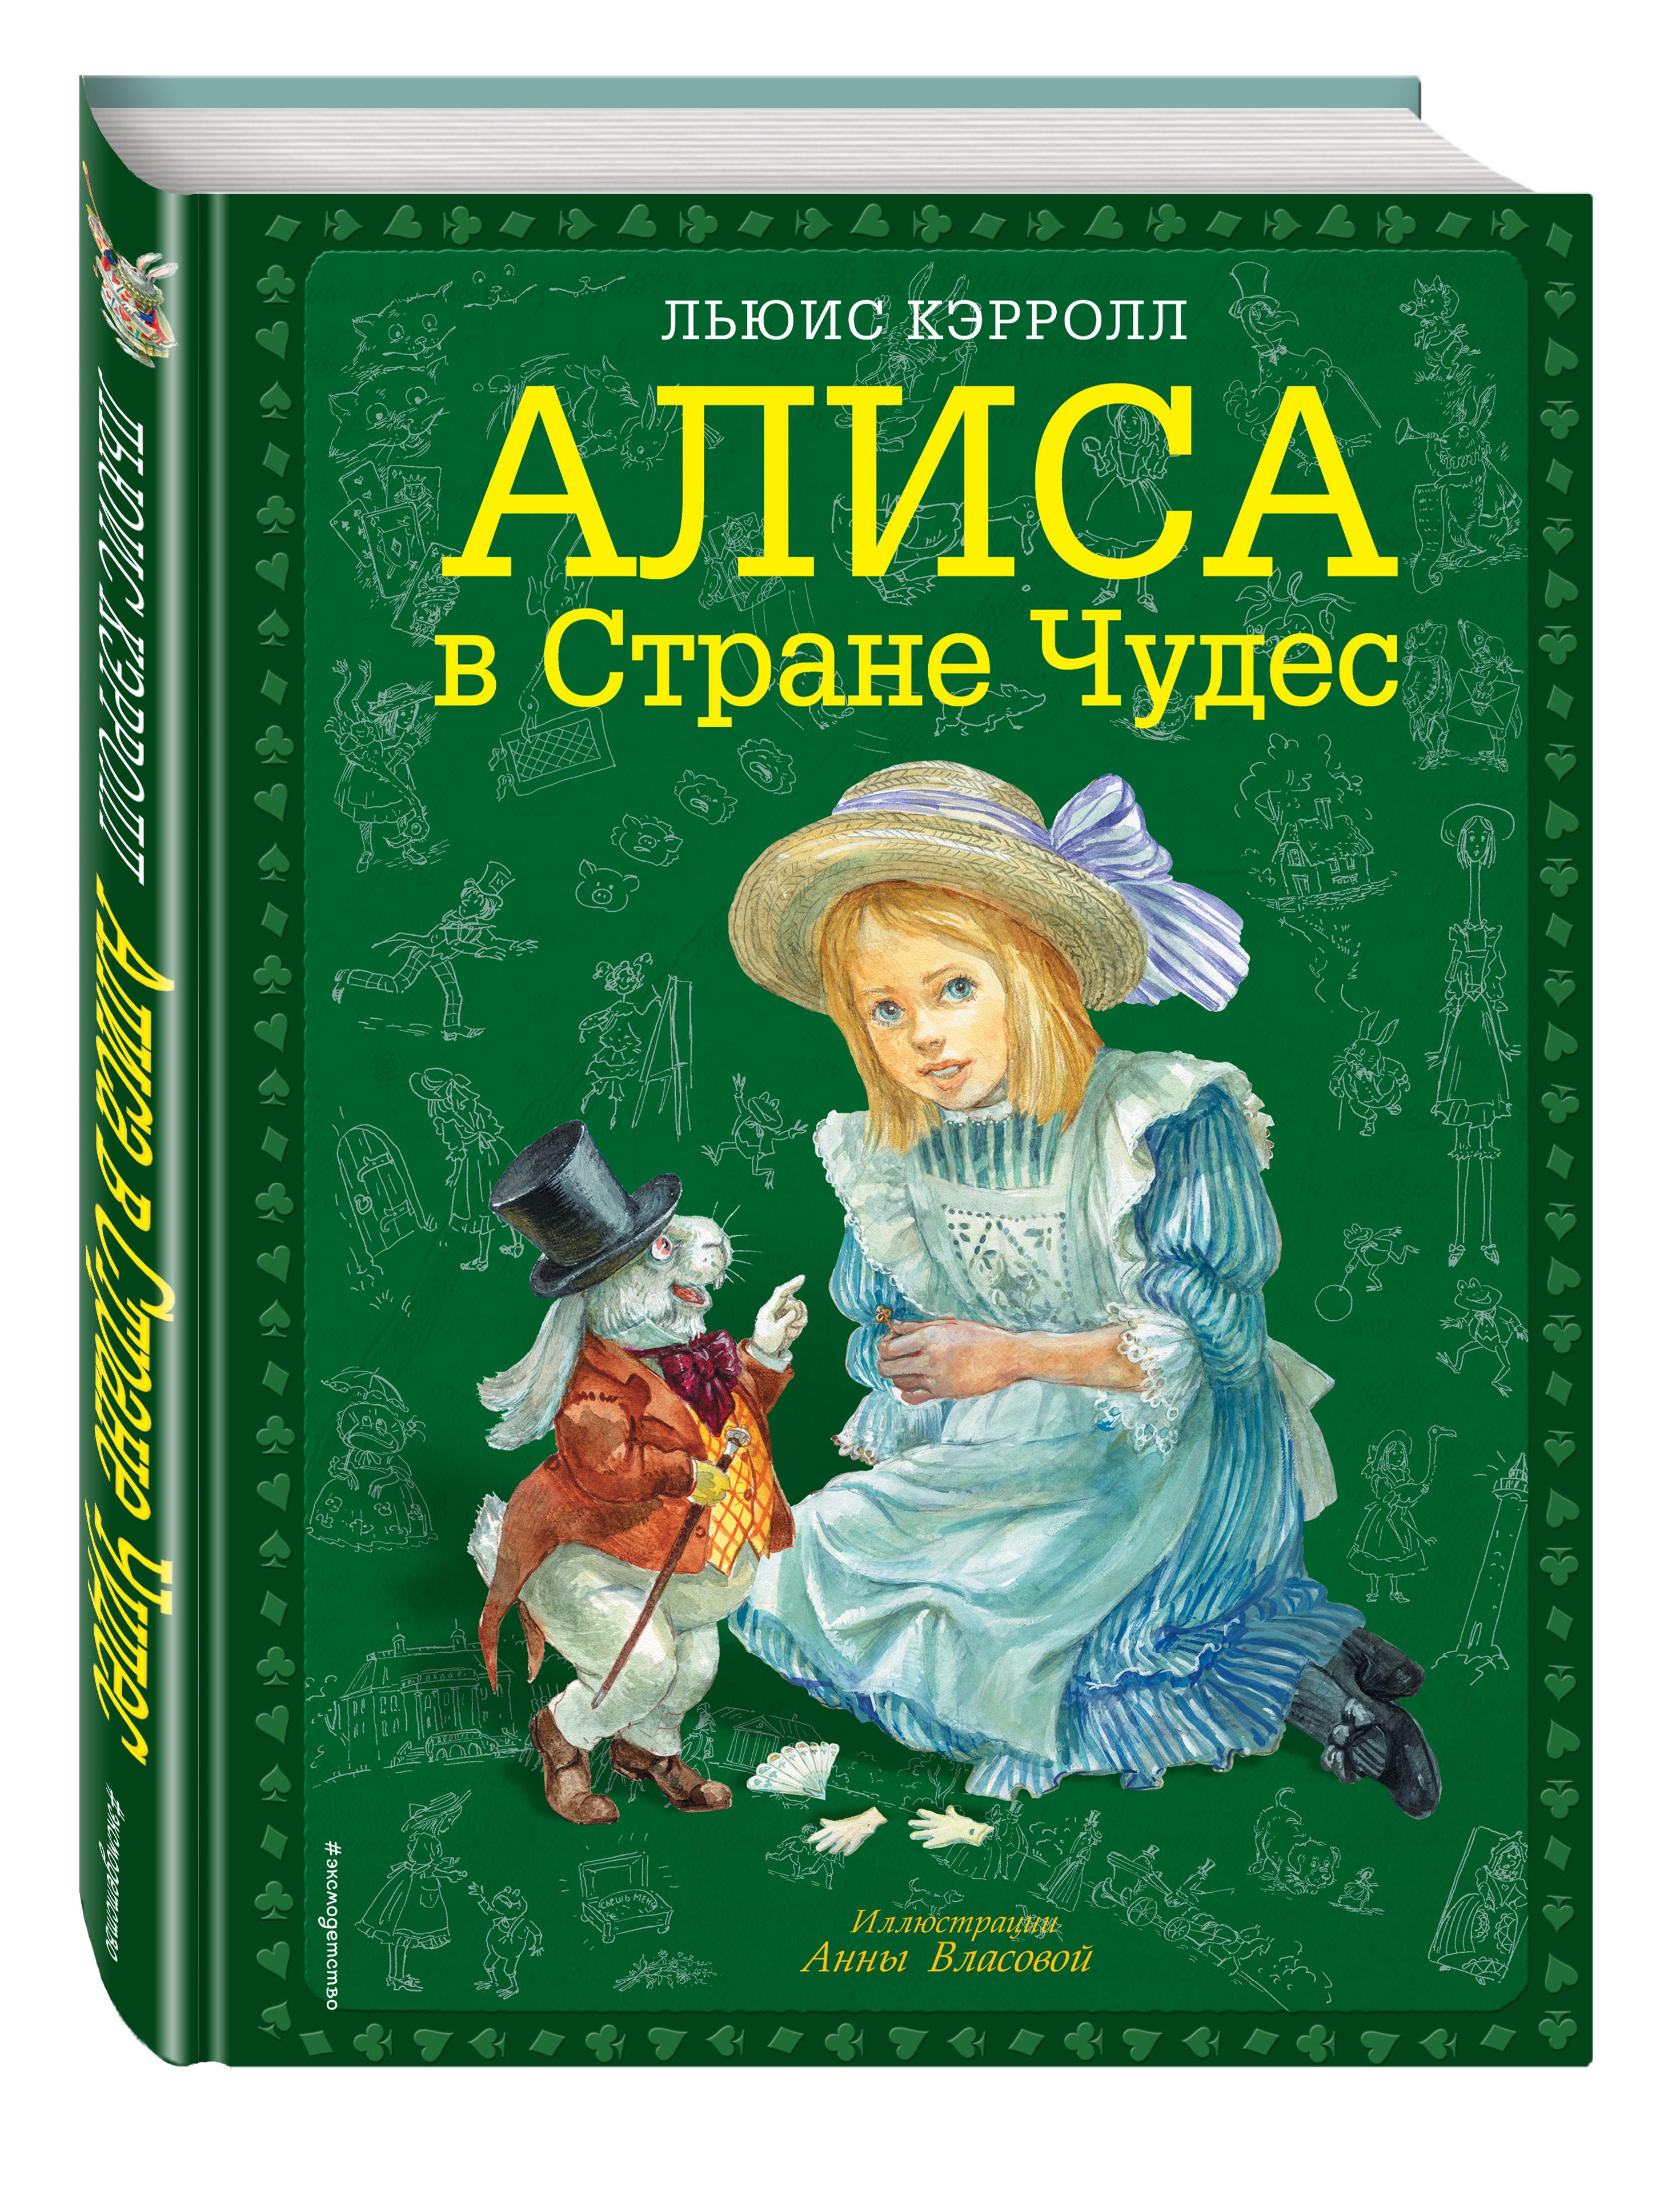 Кэрролл Льюис Алиса в Стране чудес (ил. А. Власовой) эксмо алиса в стране чудес л кэрролл ил э ч кларк